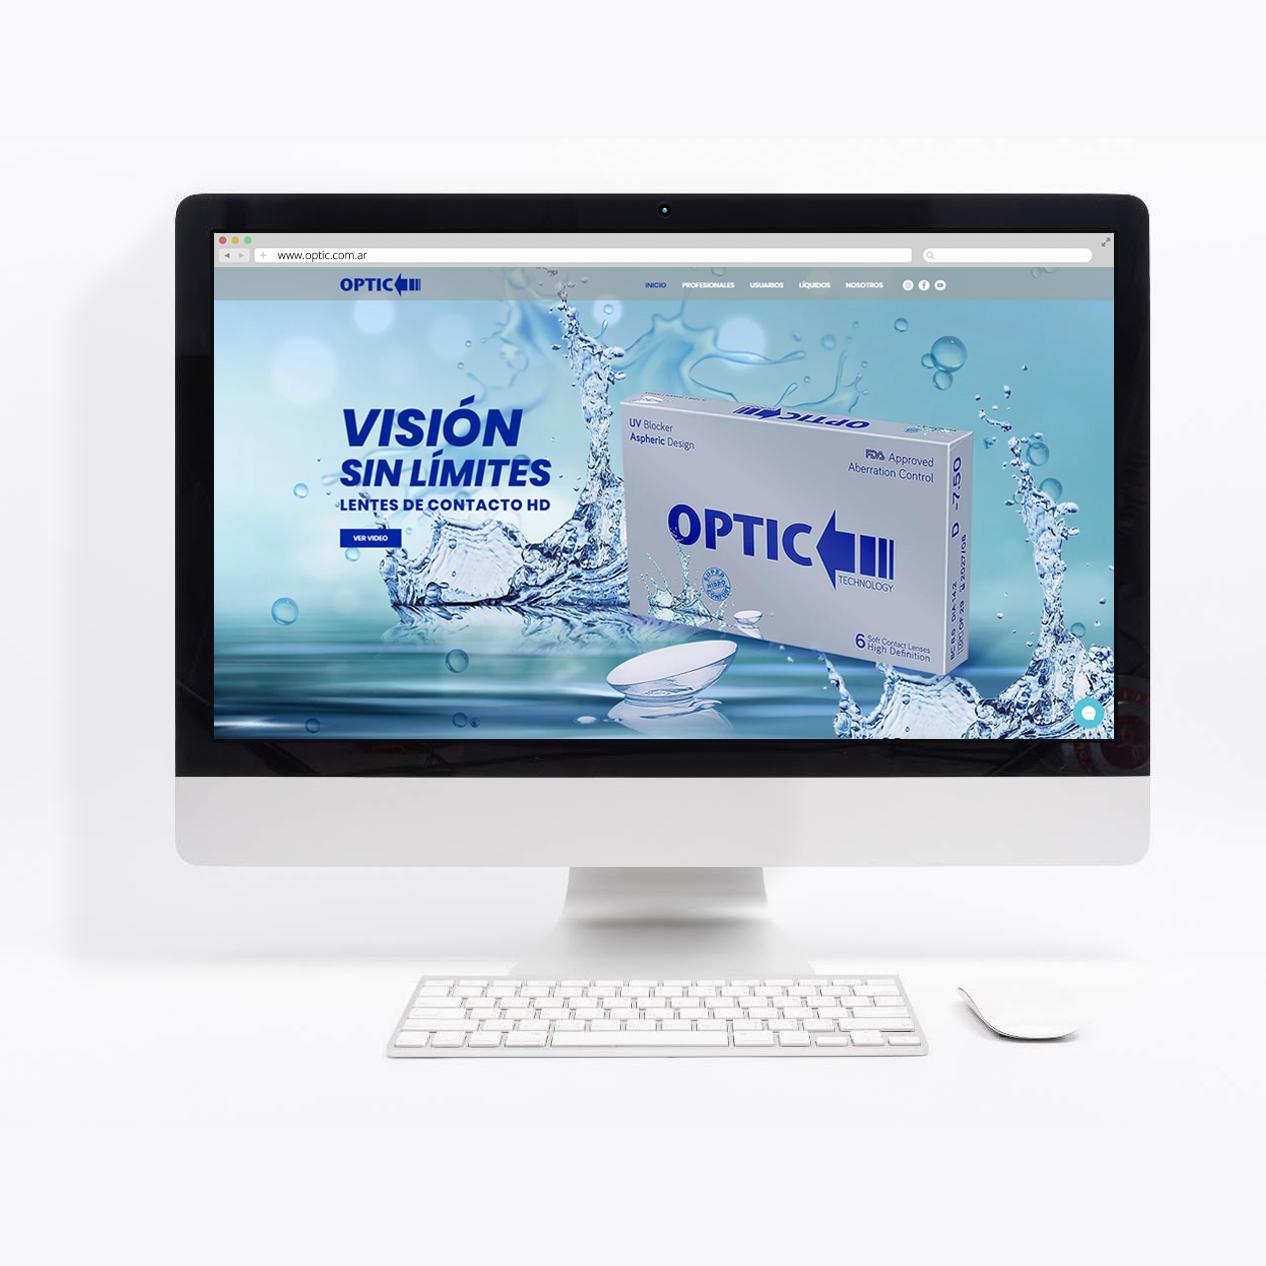 optic en mac